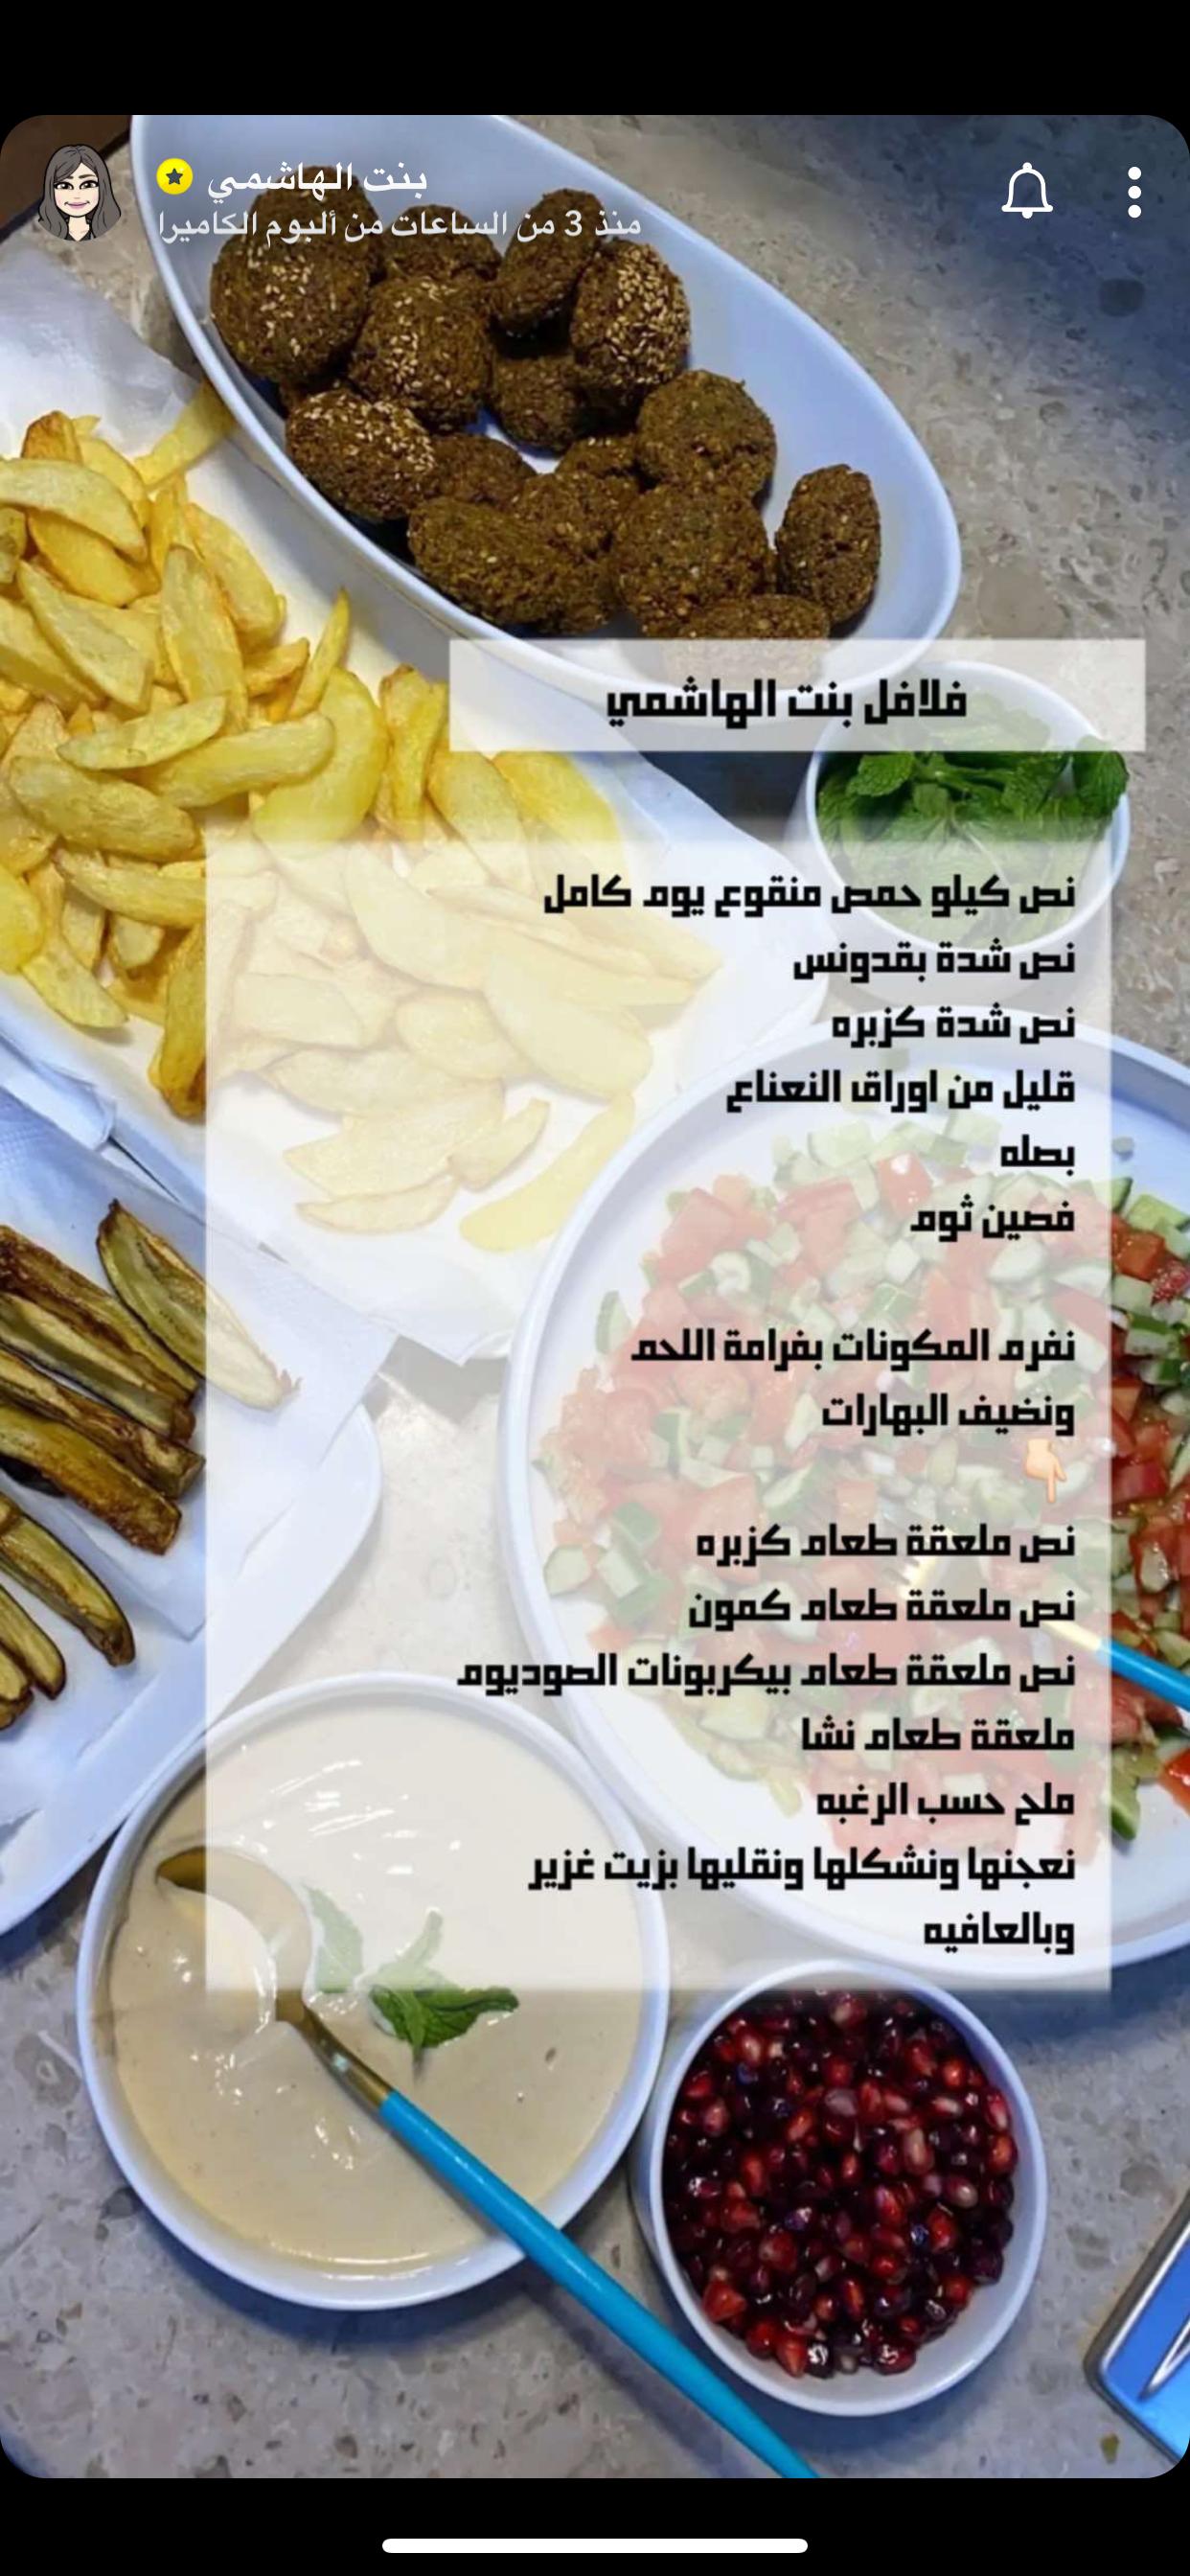 Pin By Hebdbjd On طبخ1 Yemeni Food Food Arabic Food